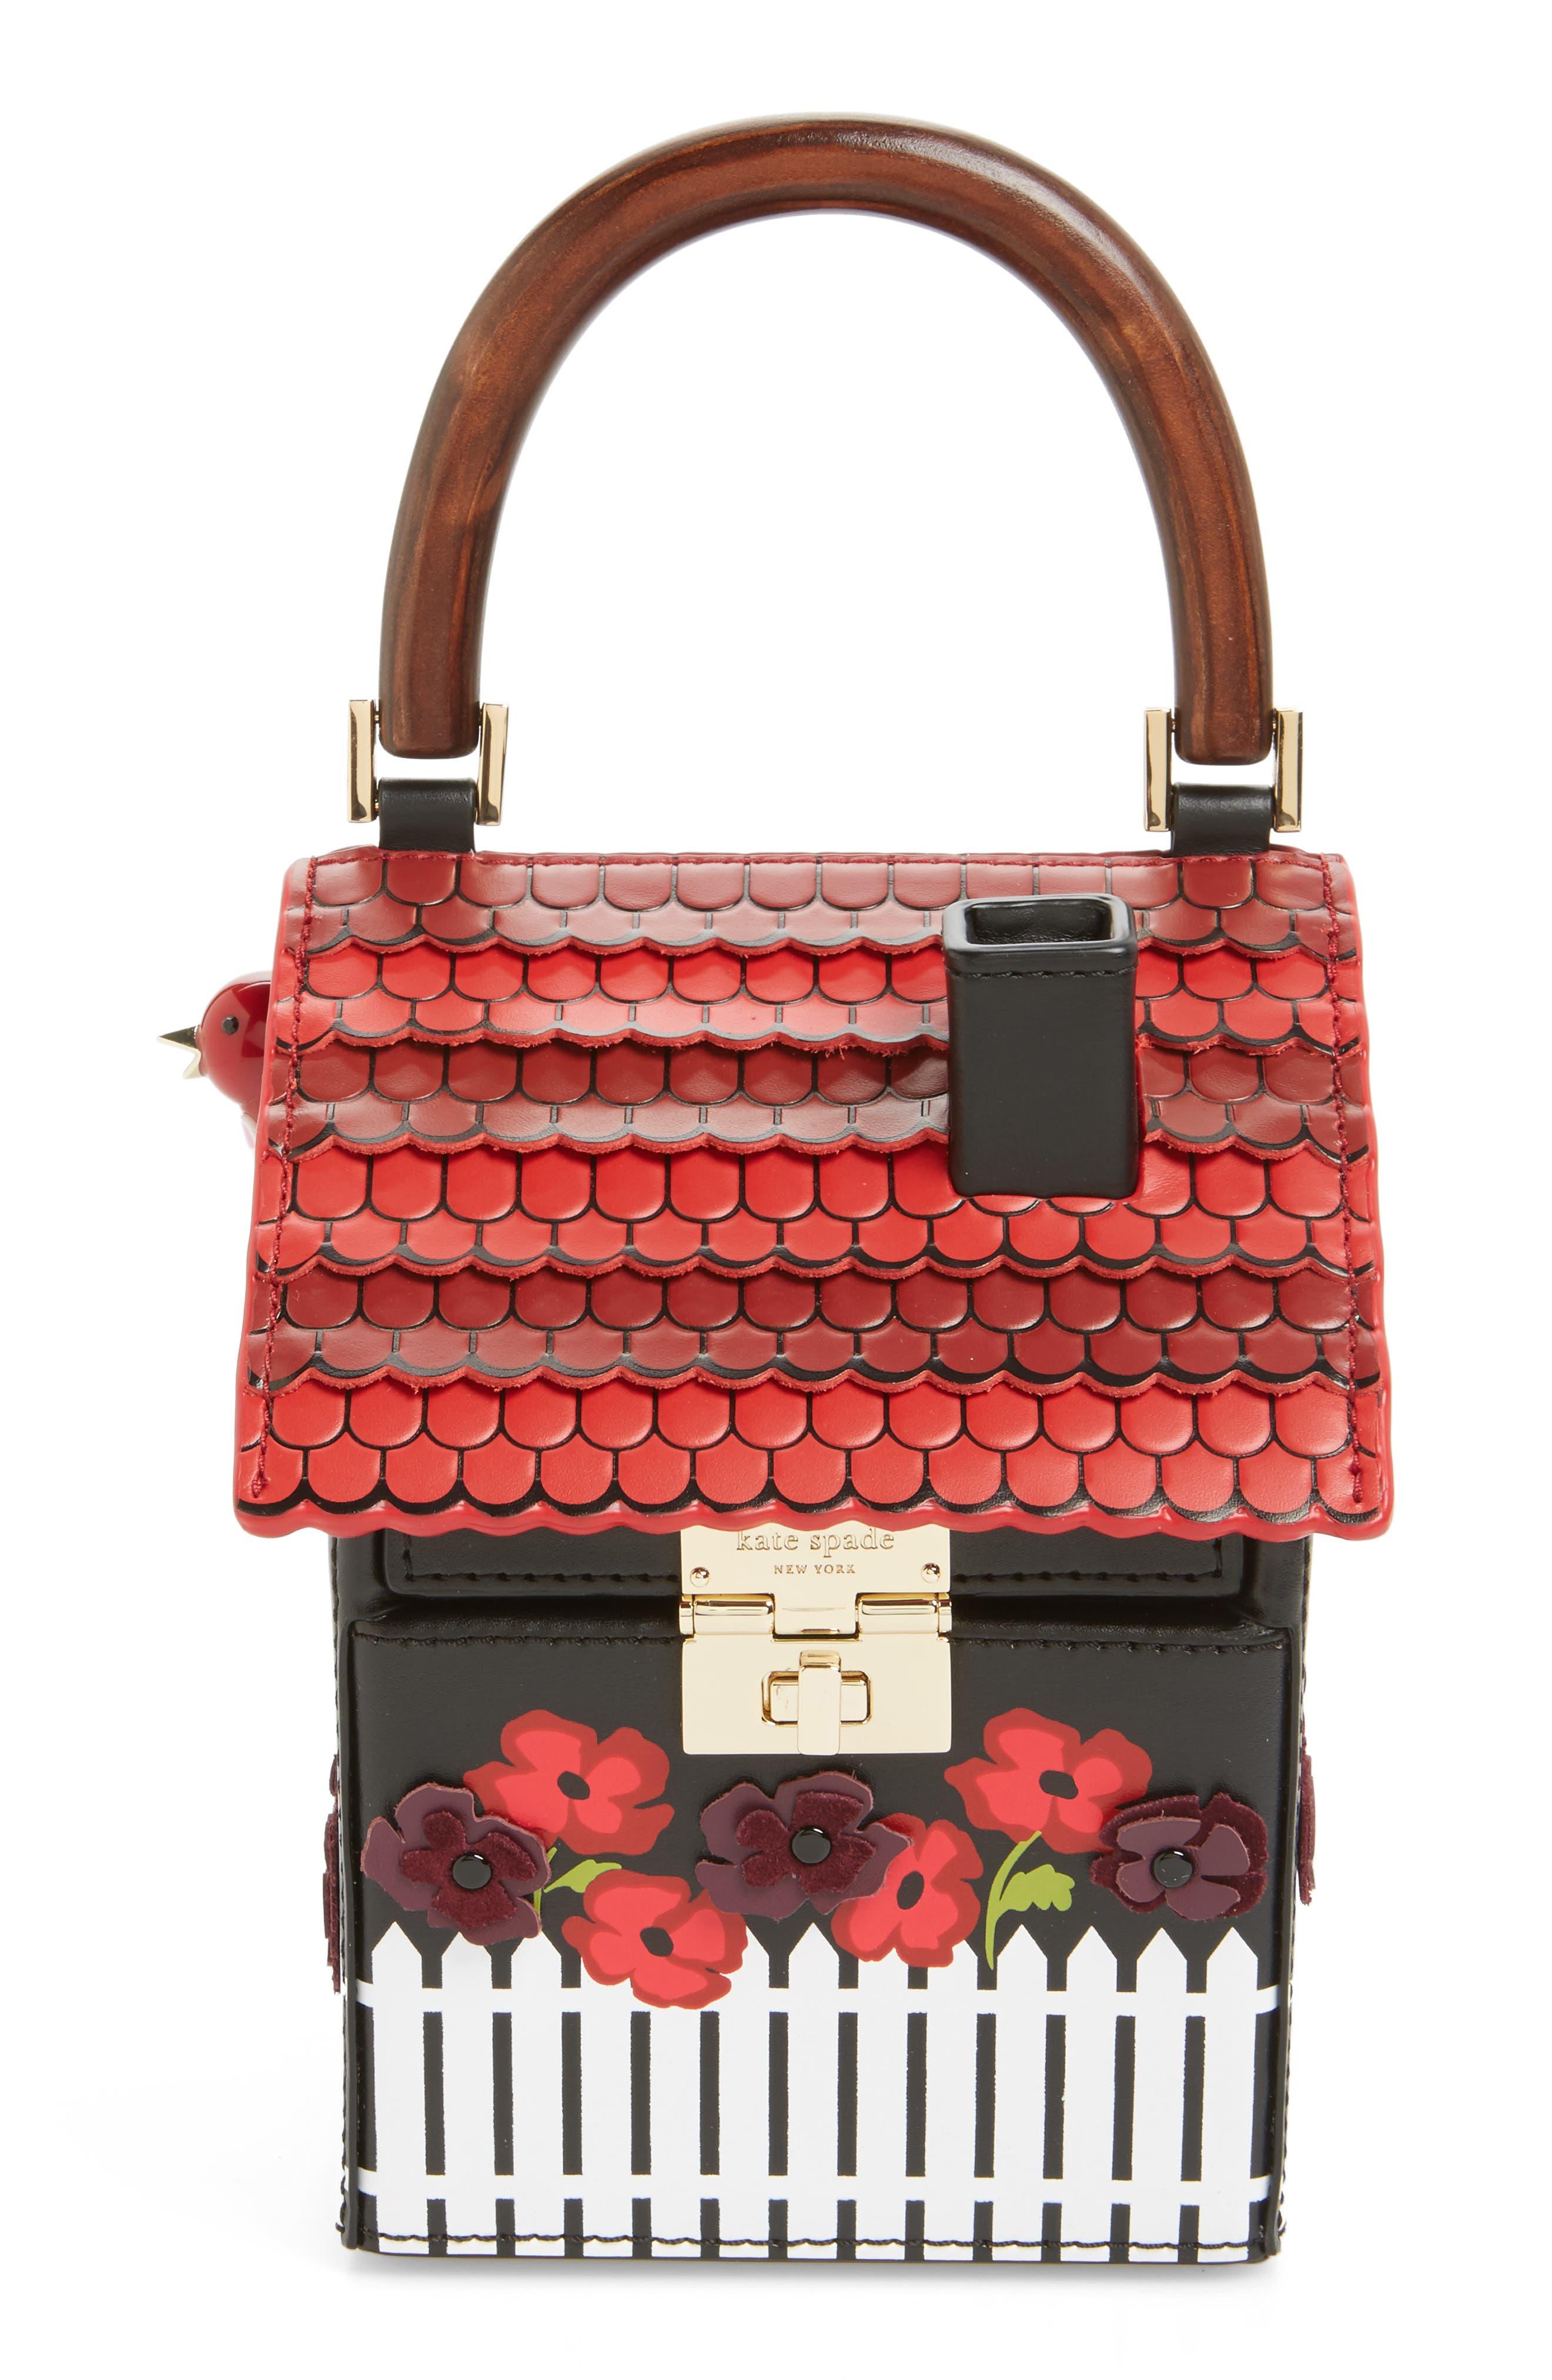 ooh la la cuckoo clock leather handbag, Main, color, 001